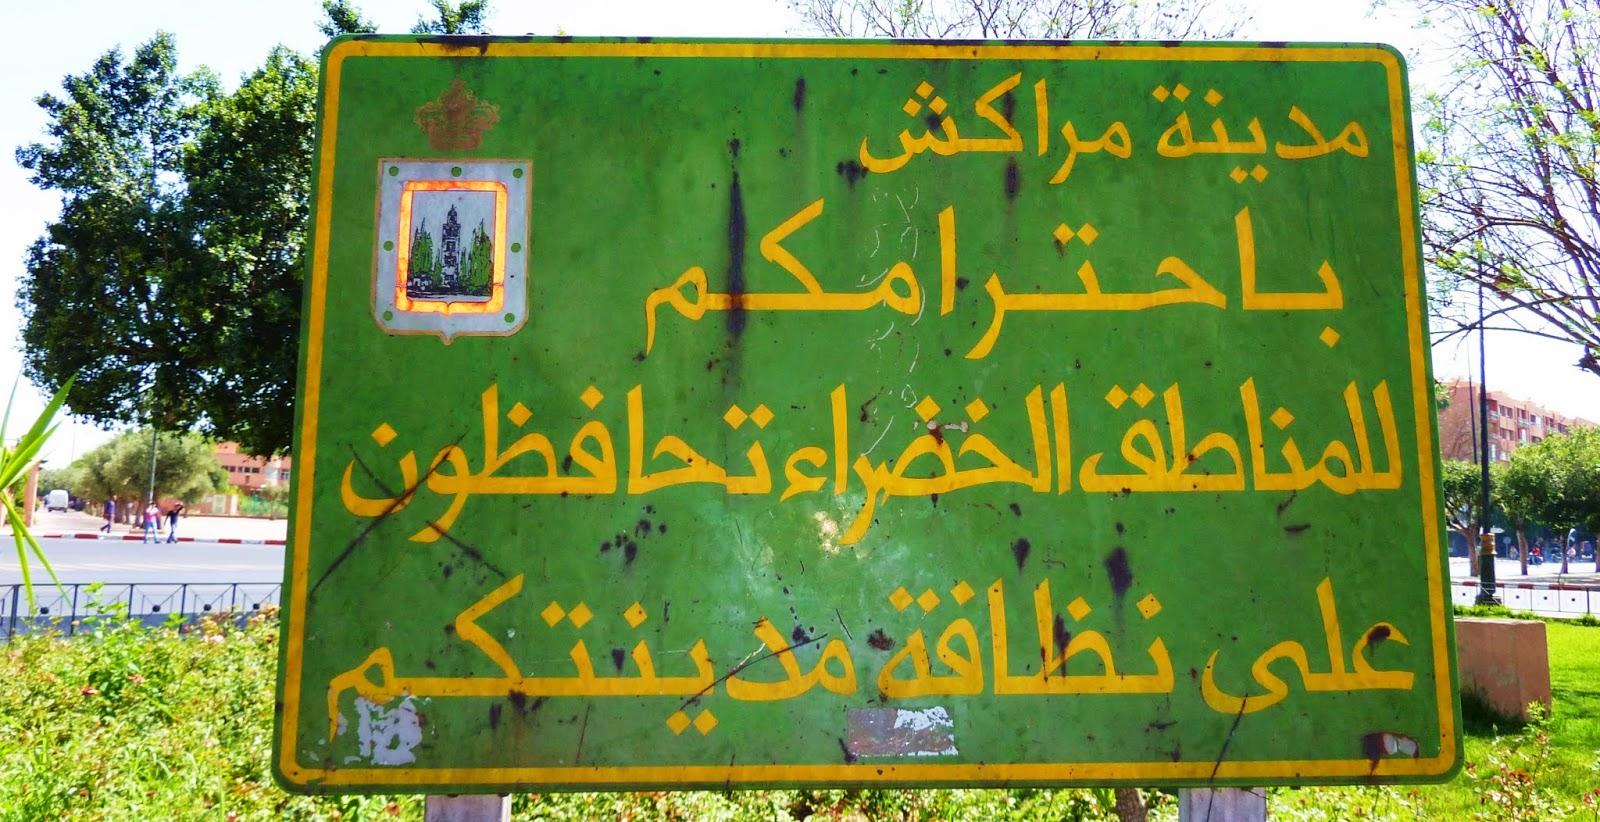 angst auf arabisch